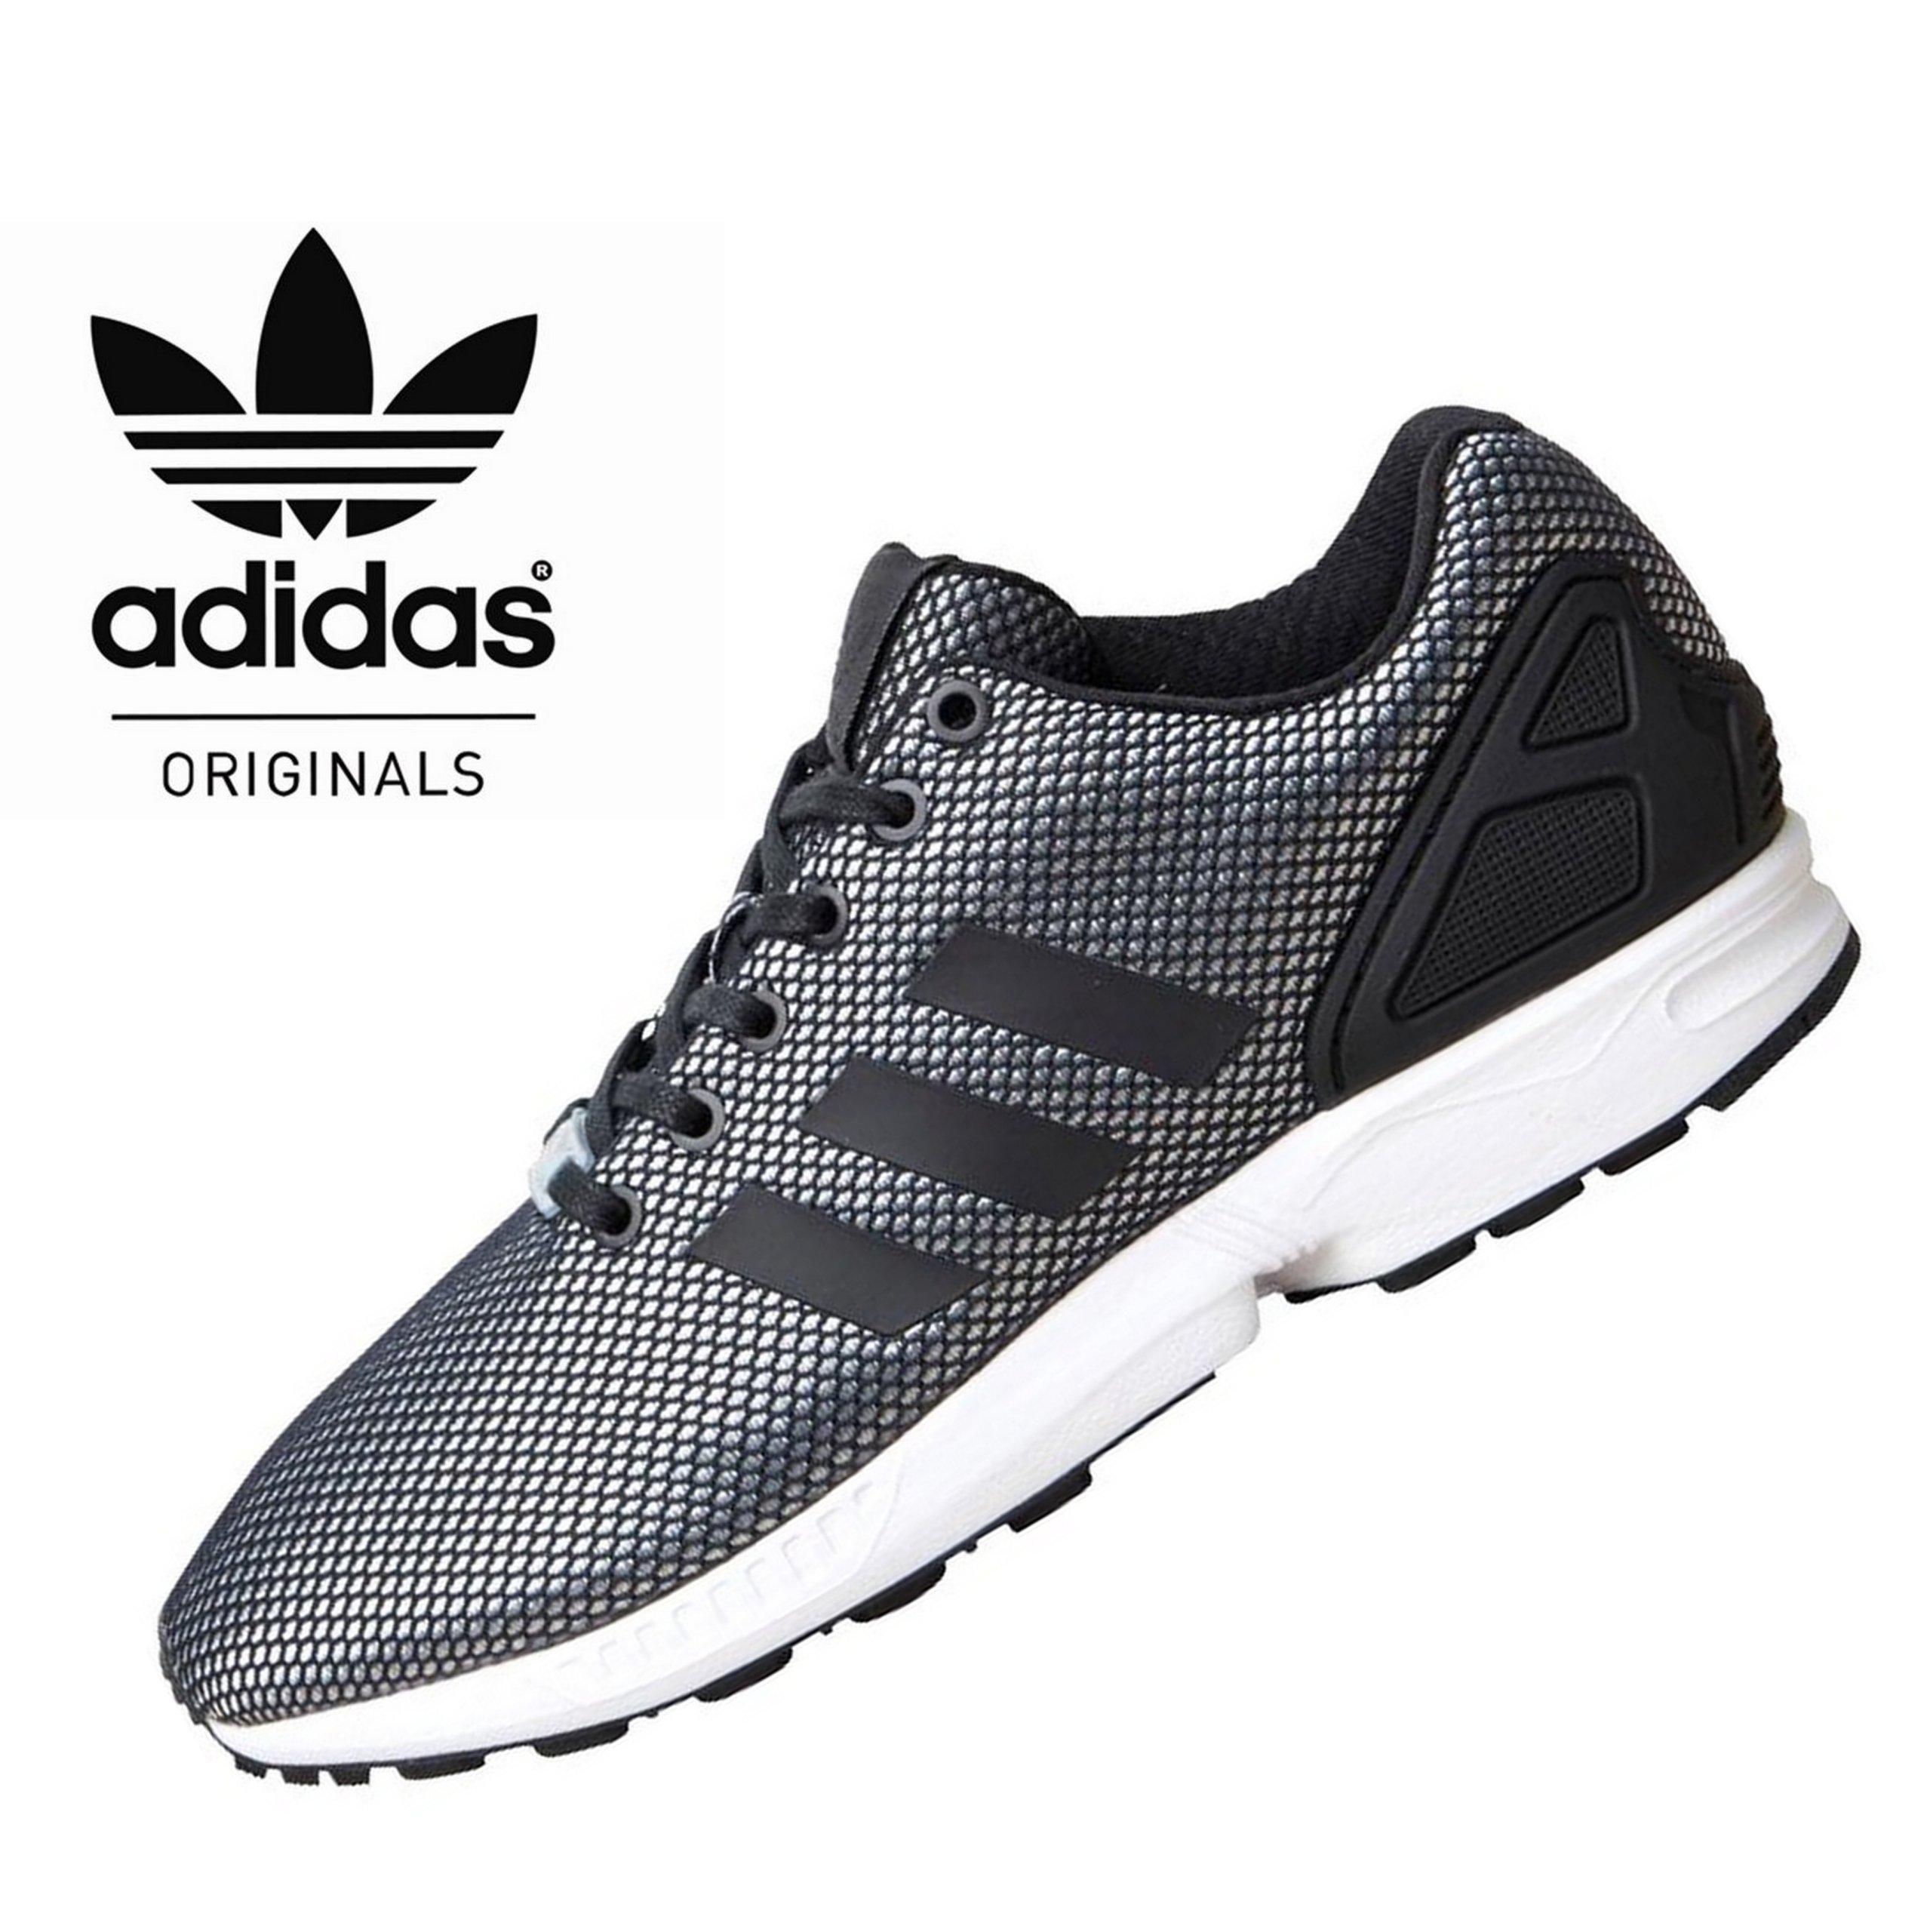 Buty sportowe męskie Adidas Originals zx flux na wiosnę